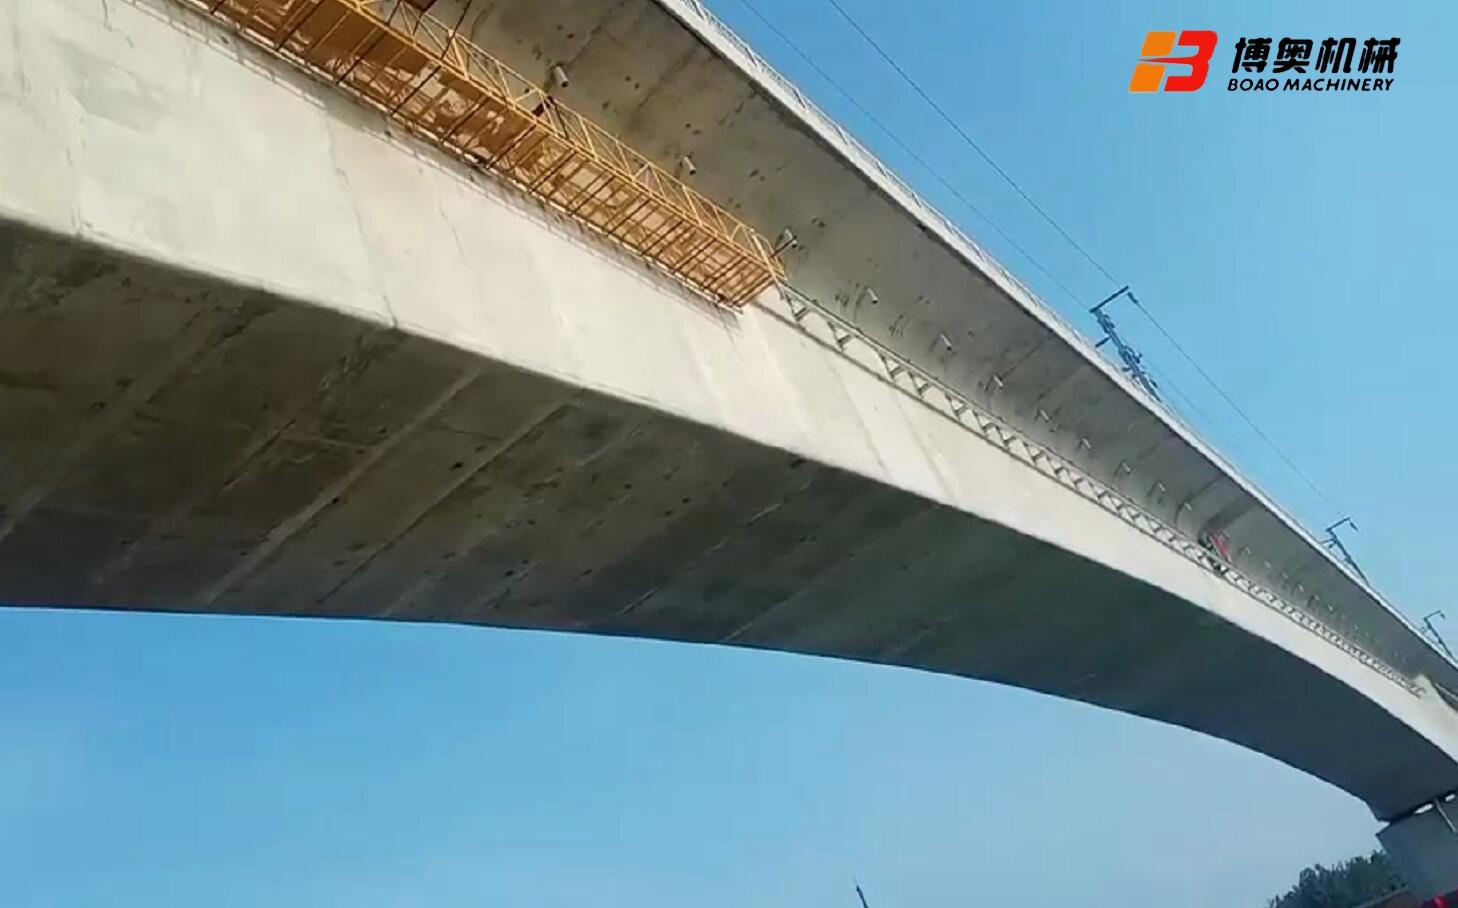 桥梁检查小车轨道安装